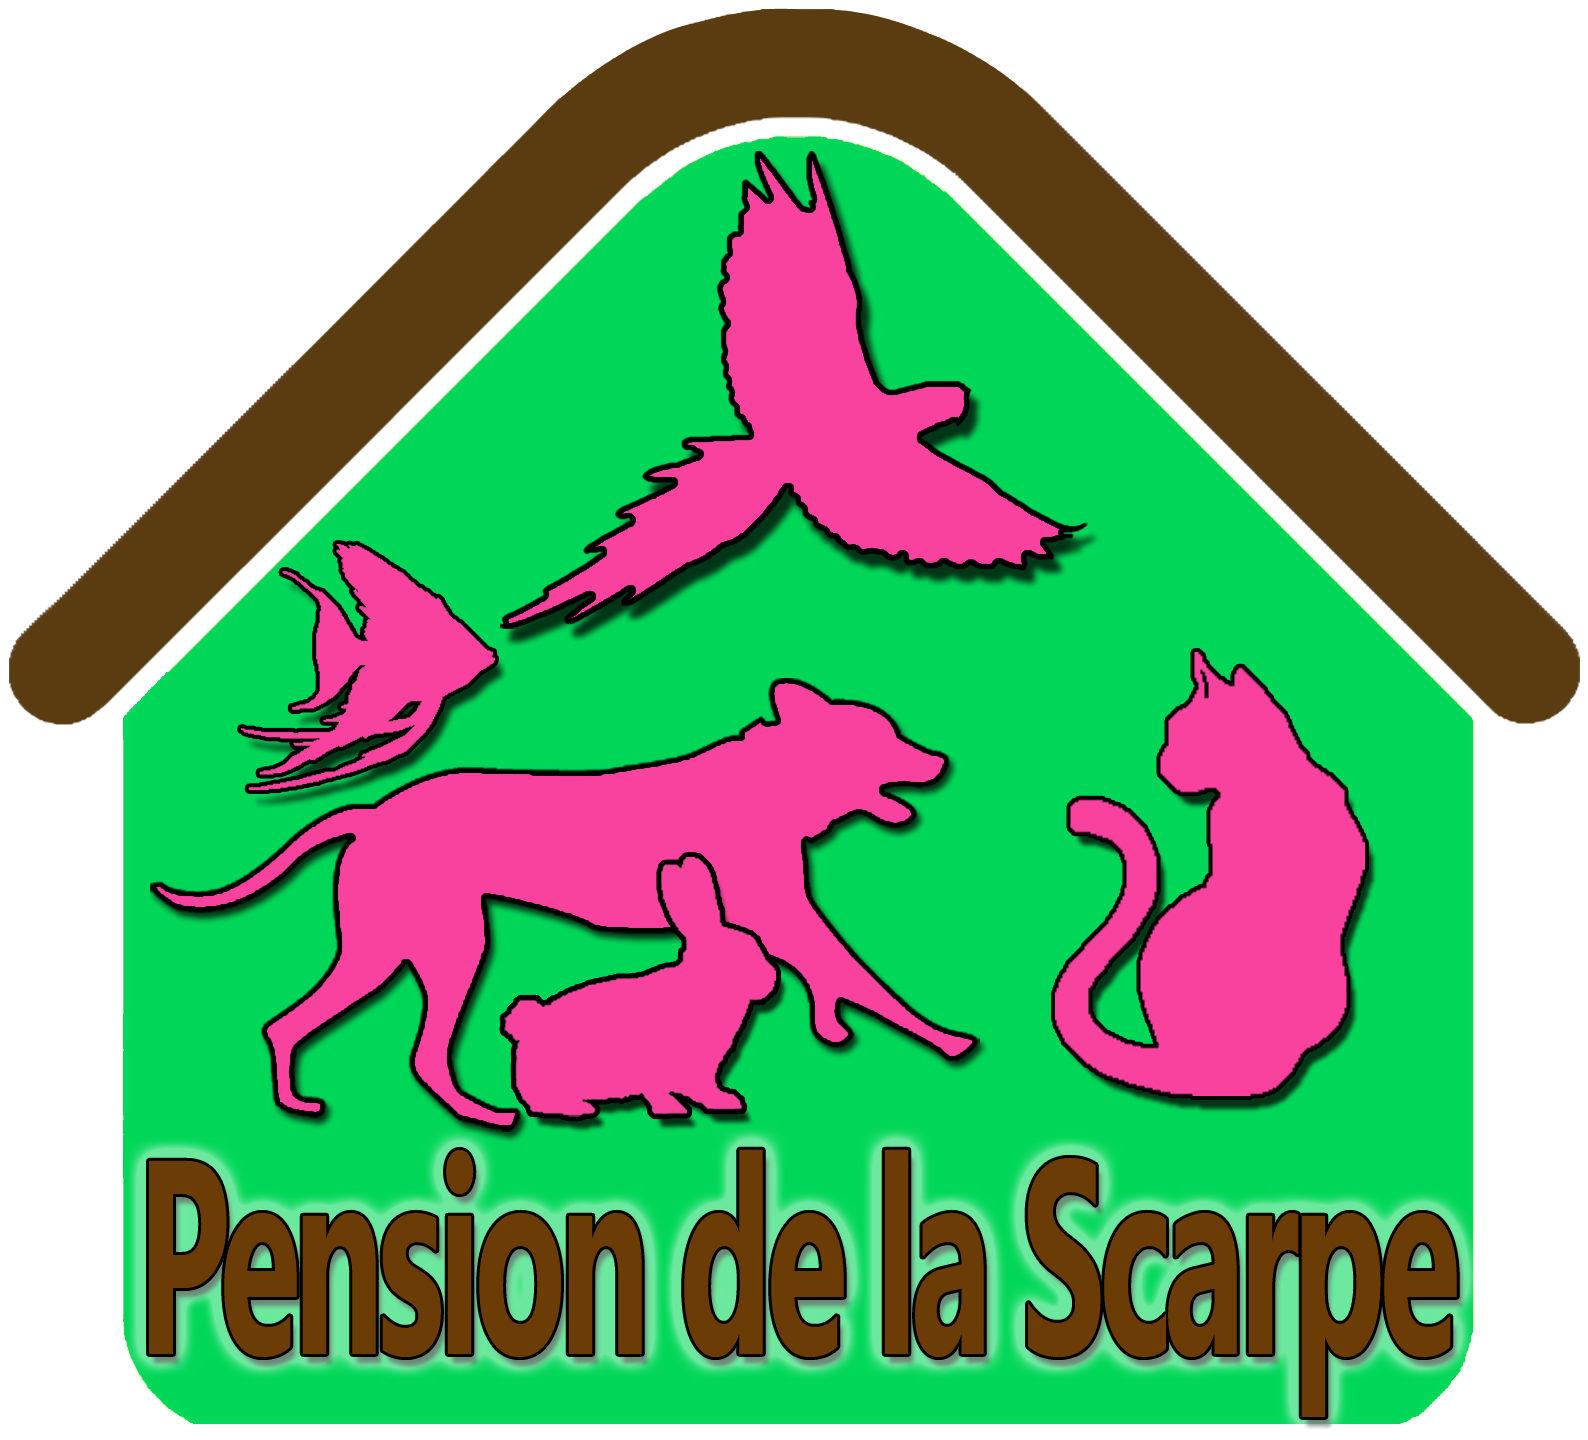 Pension de la Scarpe